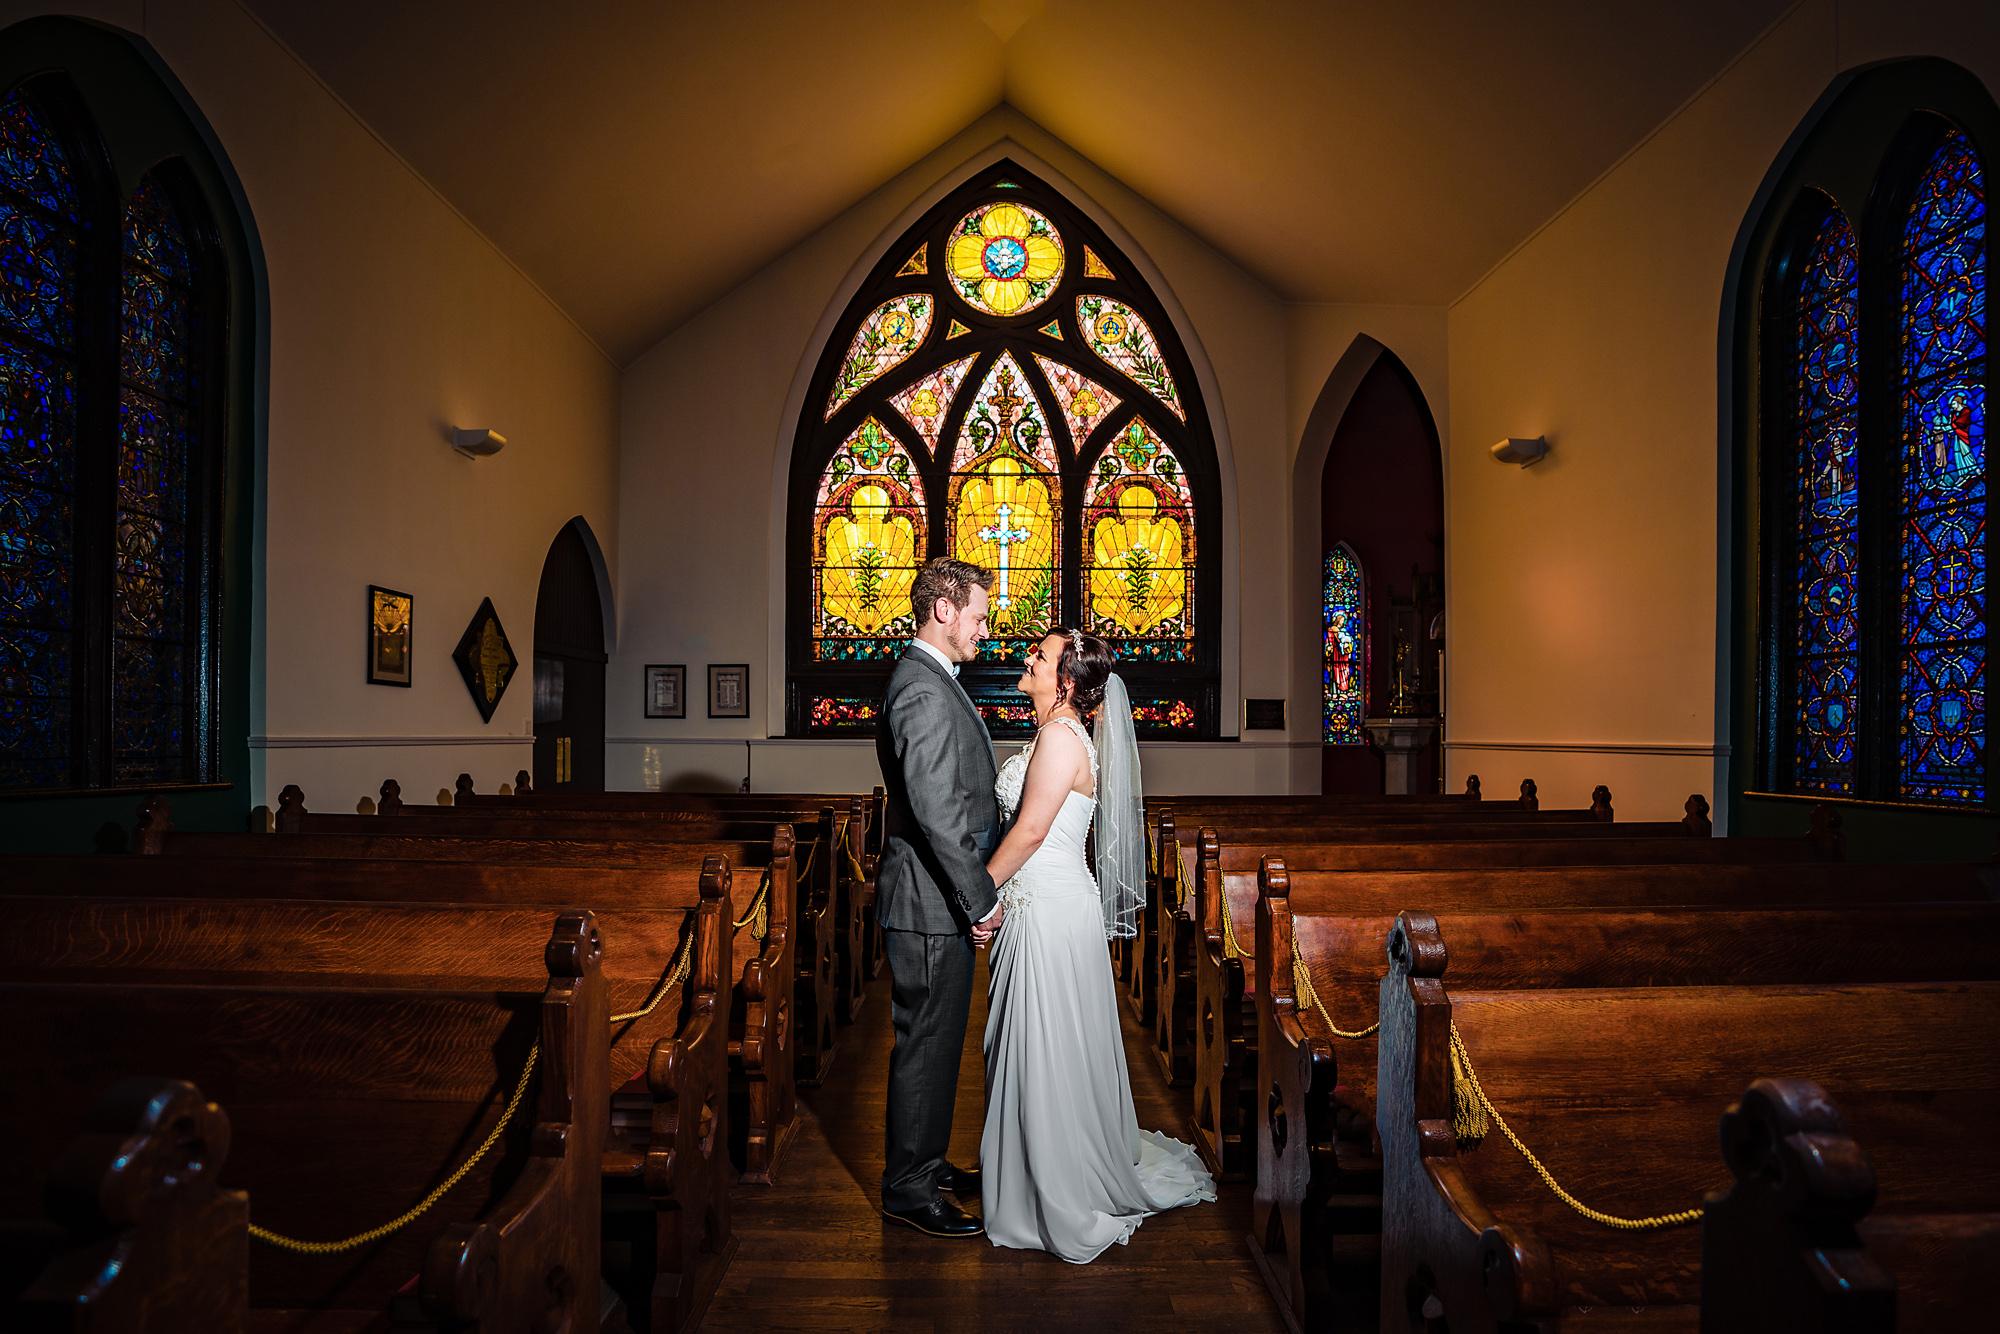 Trinity-Episcopal-Church-Covington-KY-Wedding-Photographer.jpg